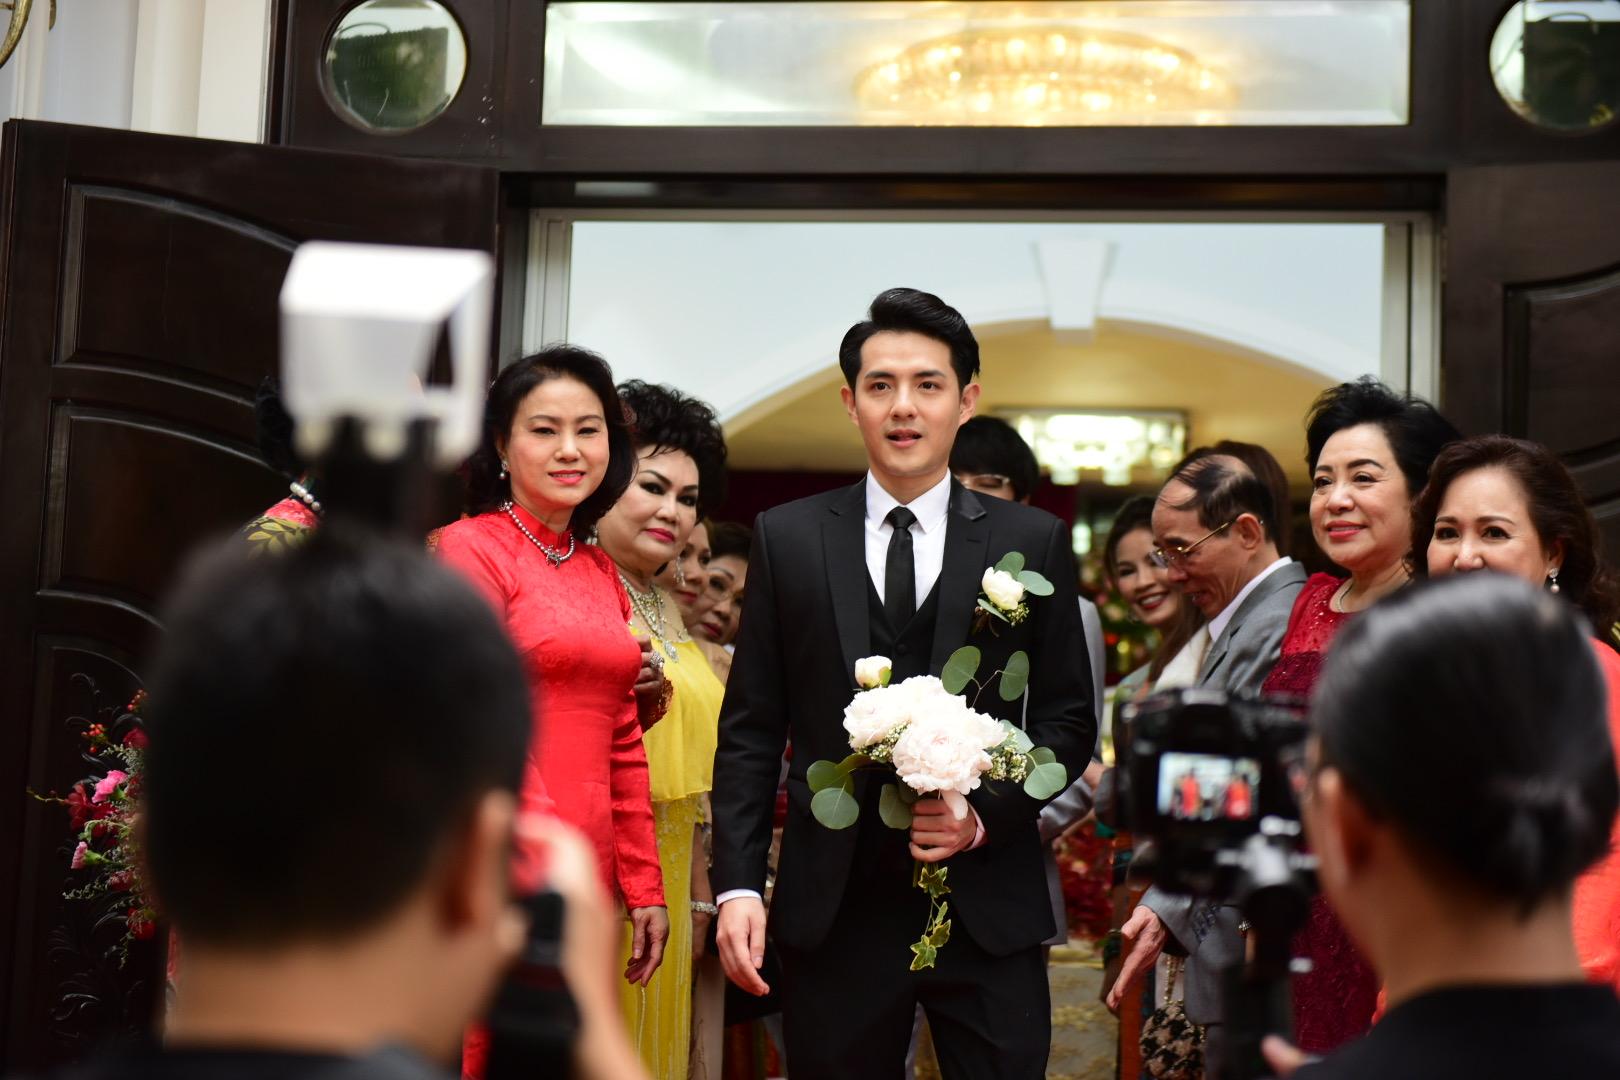 Đám cưới thế kỷ Đông Nhi - Ông Cao Thắng: Chú rể rạng rỡ lái xe rước dâu, dàn phù dâu phù rể đình đám - Ảnh 7